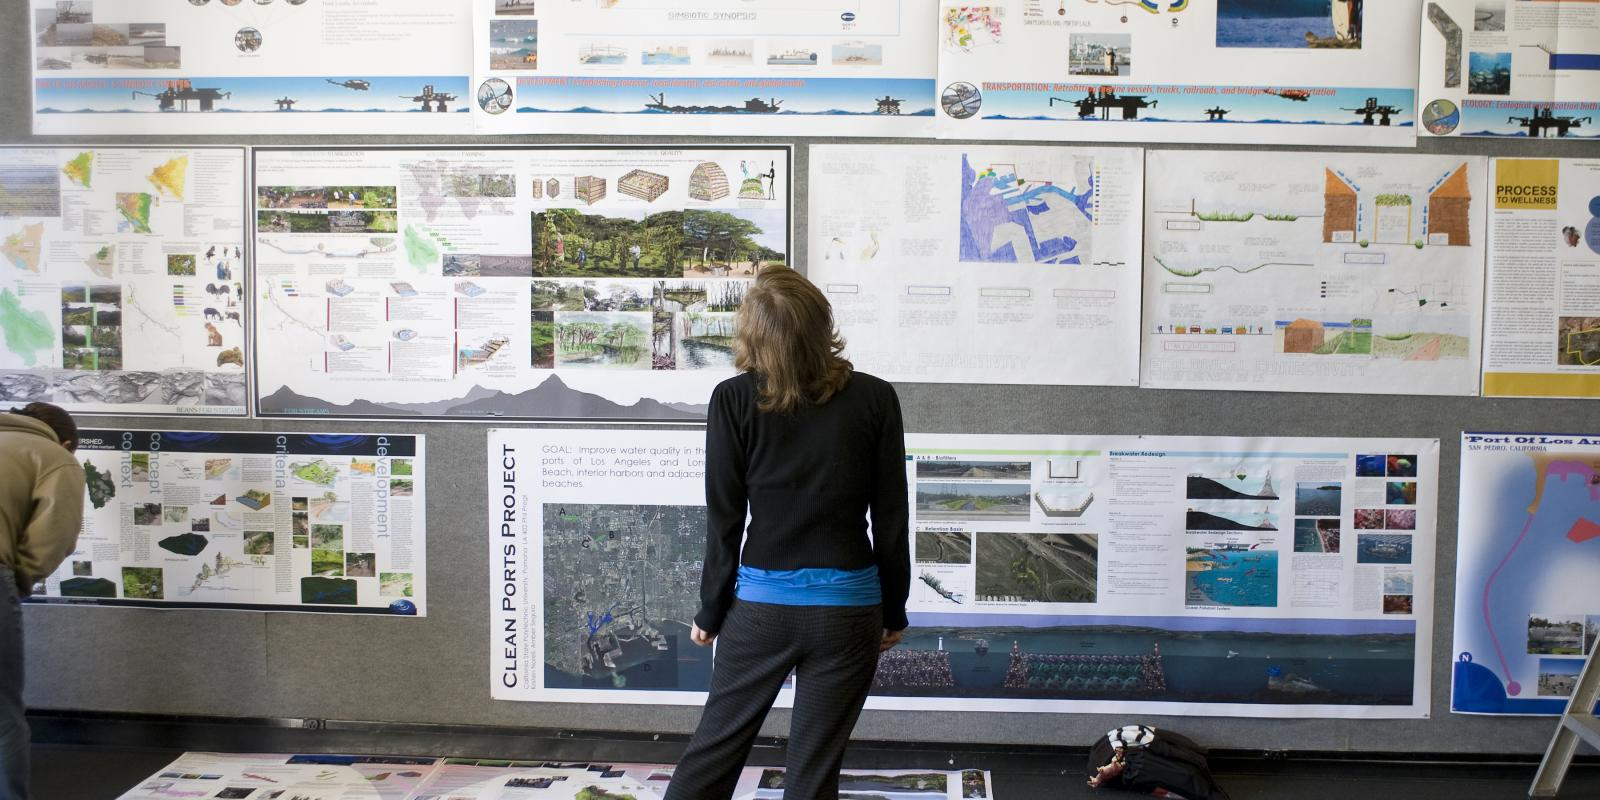 Landscape architecture studio design exchange at a department Open House